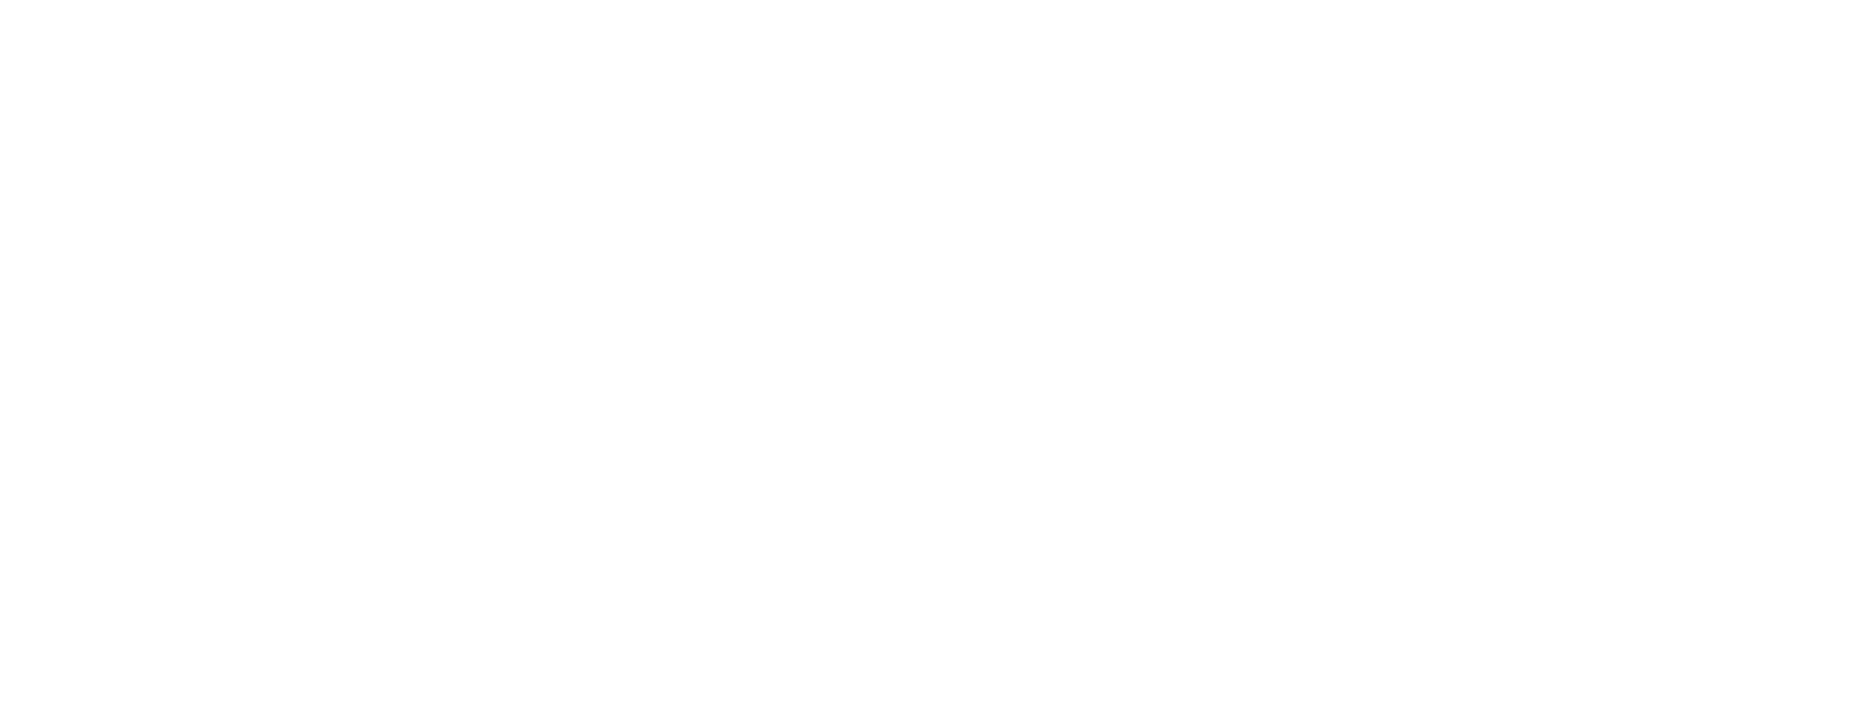 白-振雄logo-舊-新